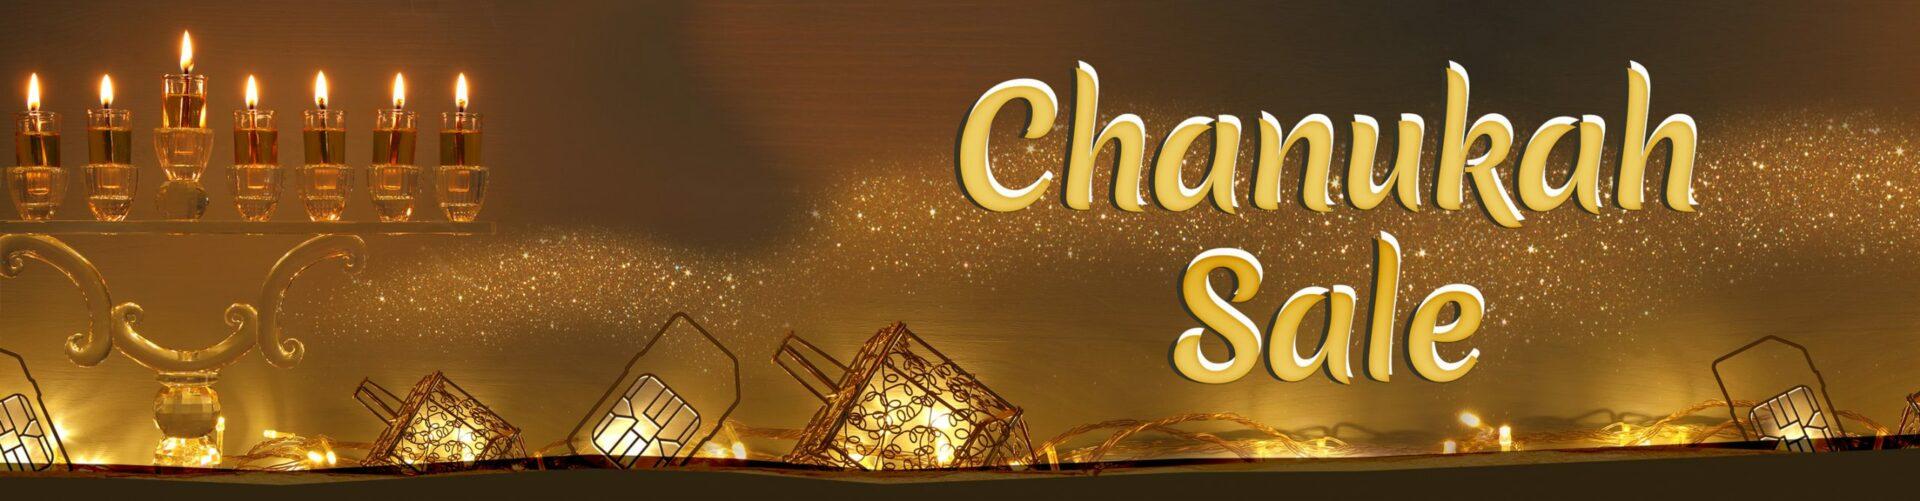 Chanukah 2019